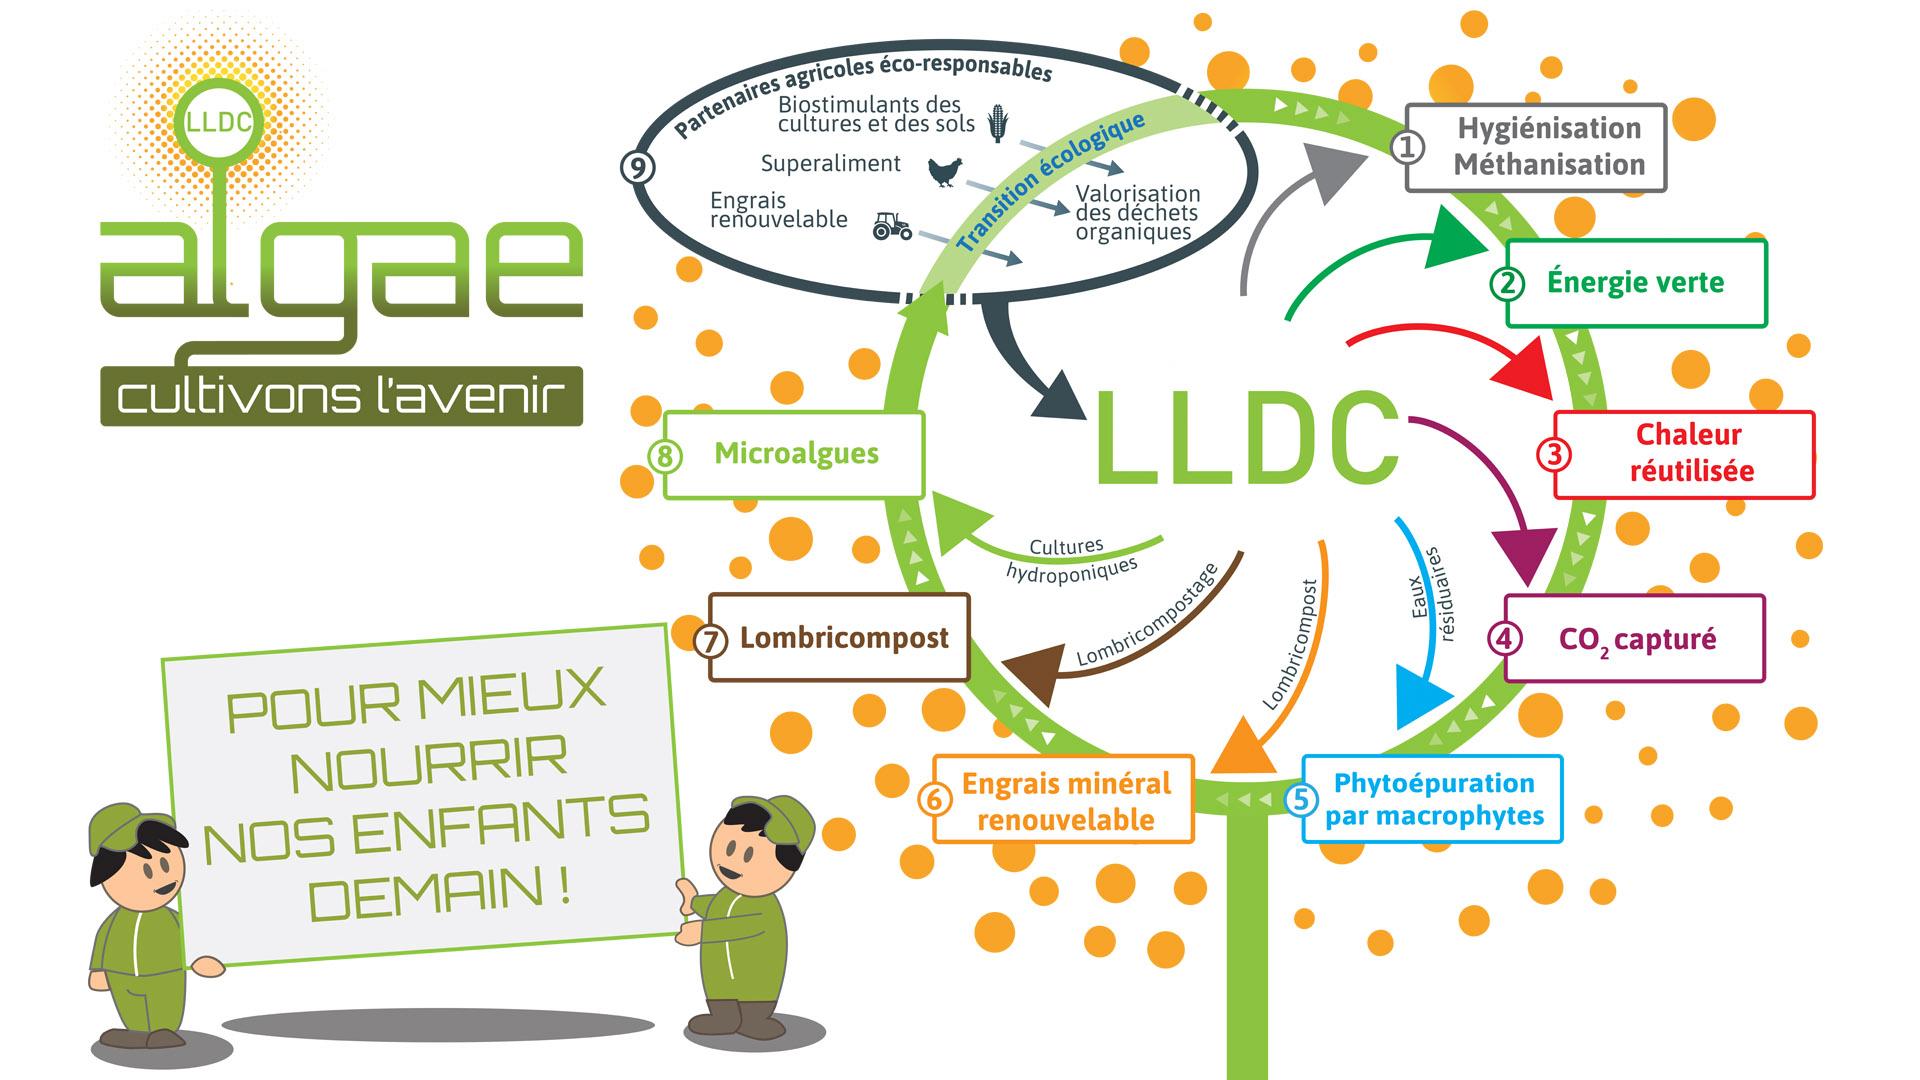 lldc_algae_cercle_vertueux_pour_mieux_nourri_nos_enfants_demain